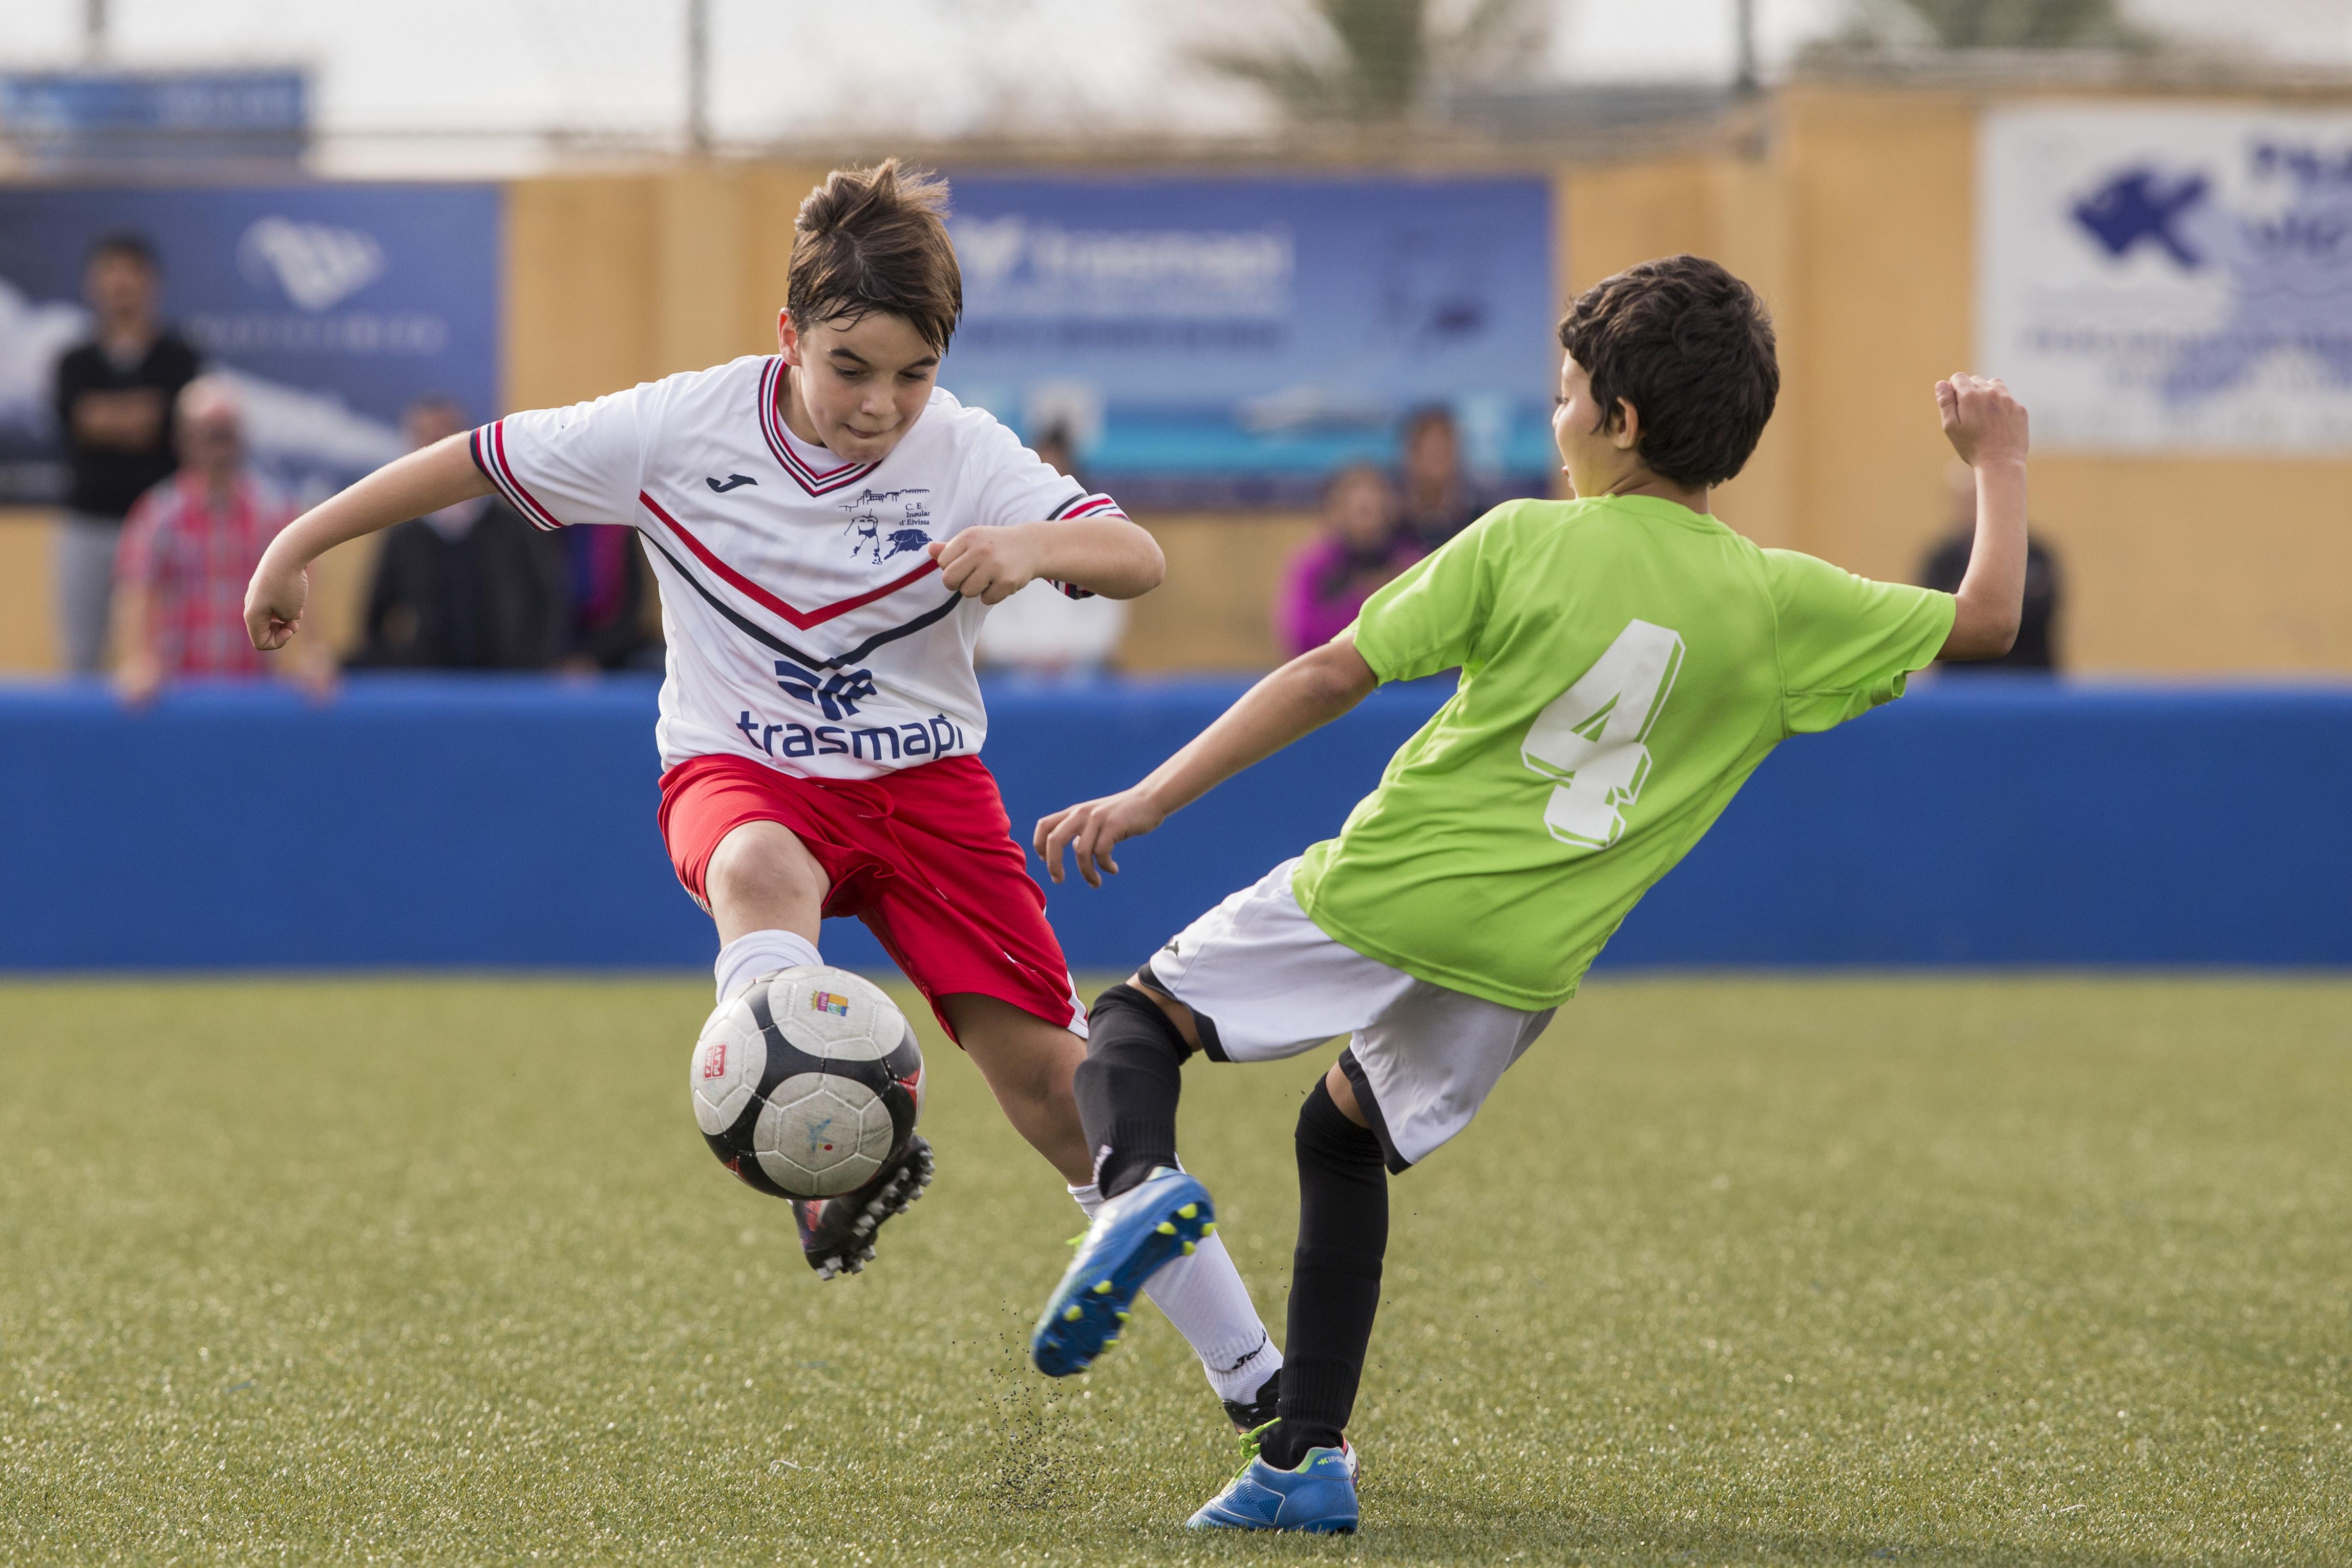 Imagen de un partido de fútbol base de esta temporada (Foto: Paco Natera).